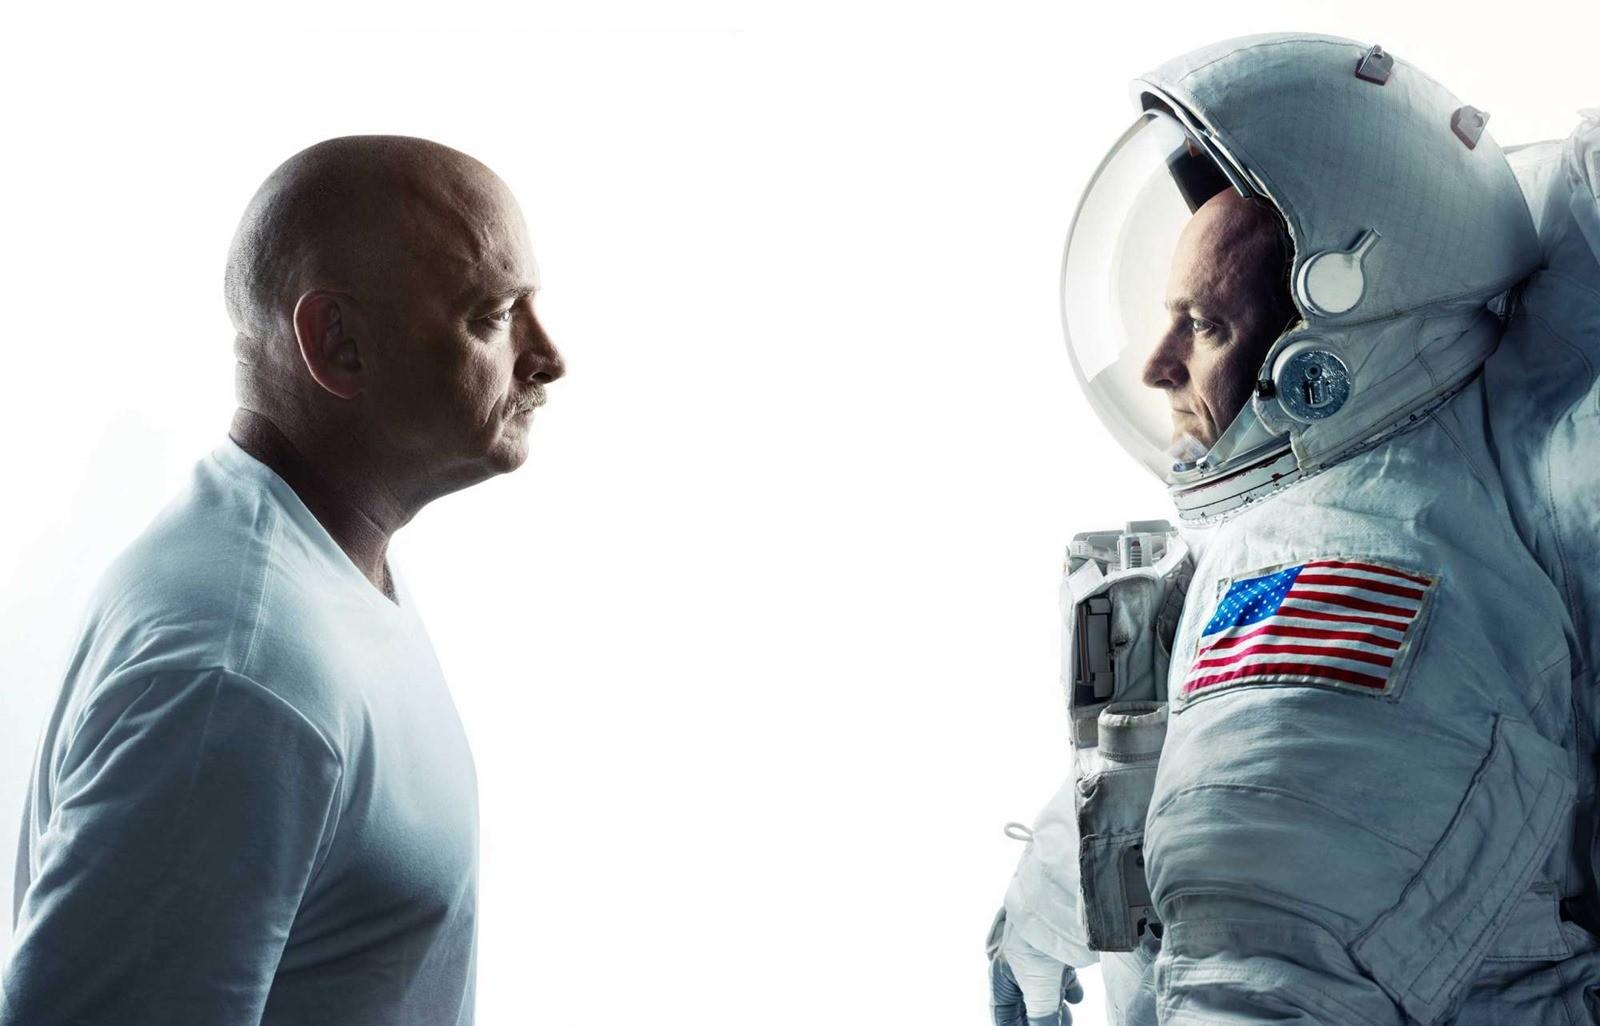 L'étude sur les astronautes jumeaux commence à révéler les étranges effets de l'espace au niveau génétique